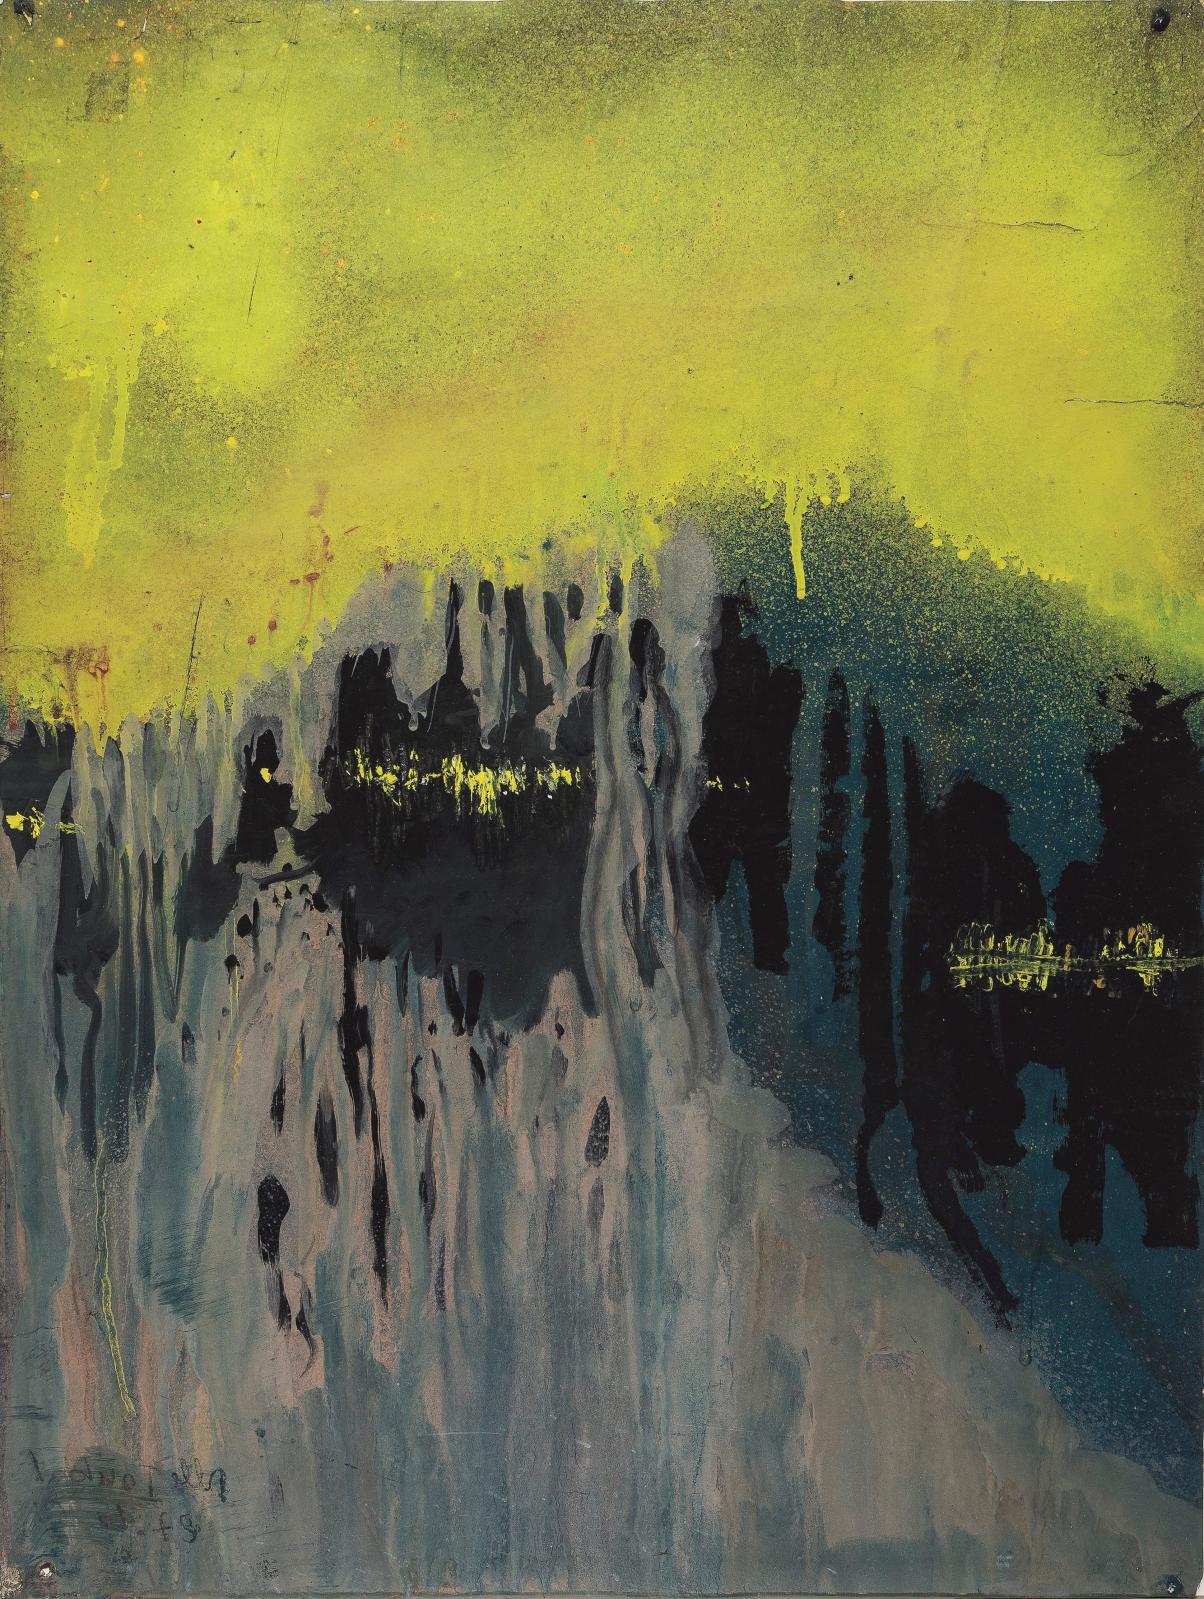 Toubal, Sans titre, 27octobre 1967, gouache sur papier, 66,3x49,5cm, Centre d'Étude de l'Expression-MAHHSA, Musée d'Art et d'Histoire